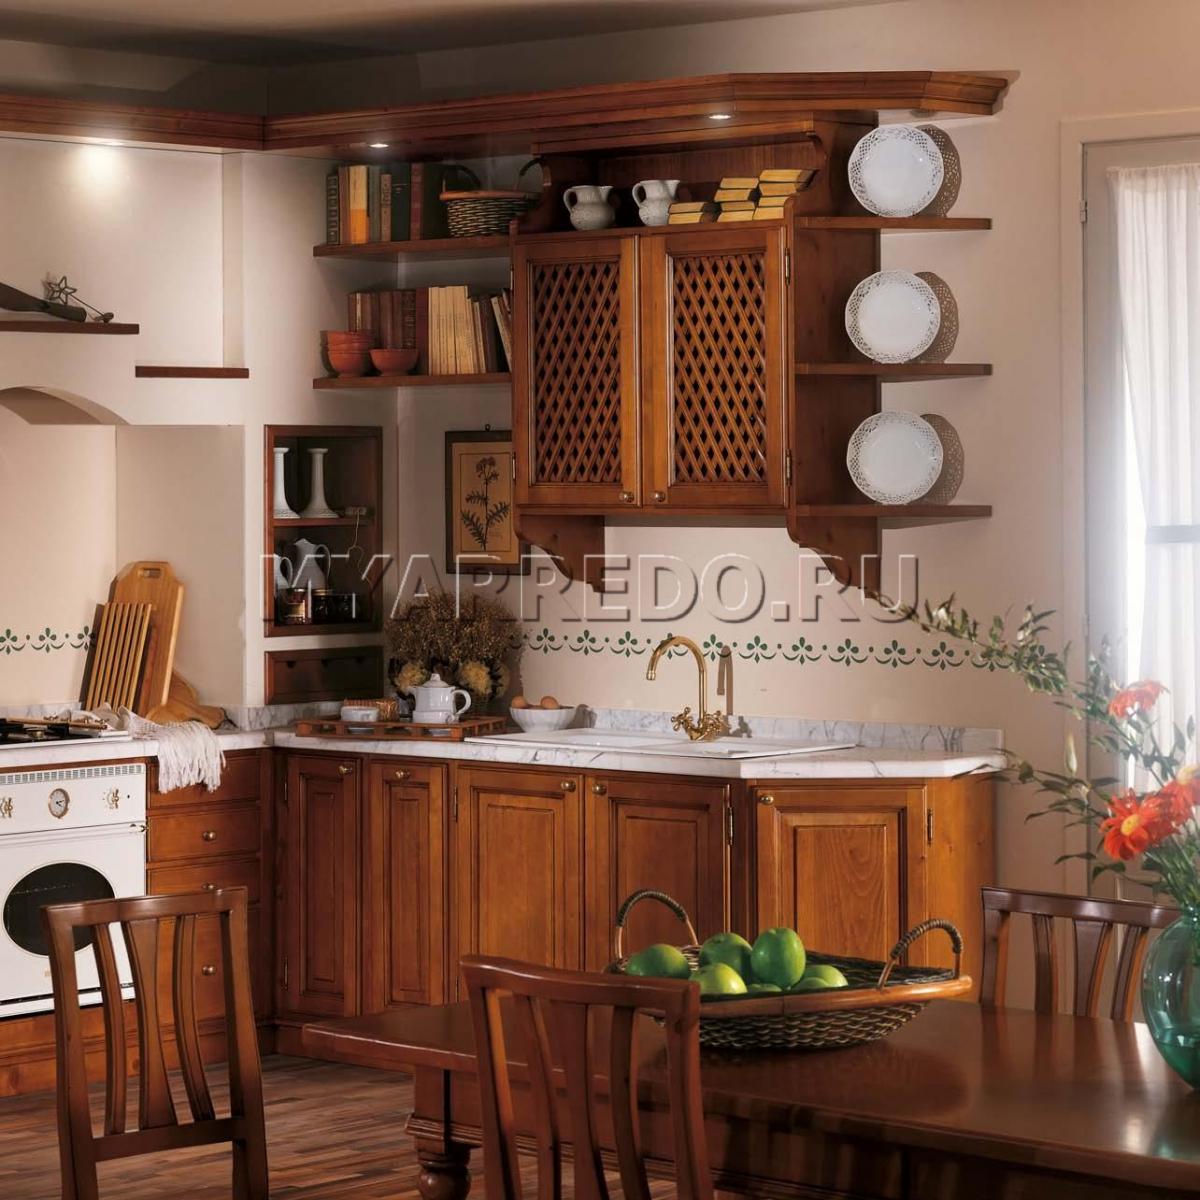 Cucina BAMAX SRL FIORI DI CAMPO. Fiori Di Campo. Acquistare a Mosca